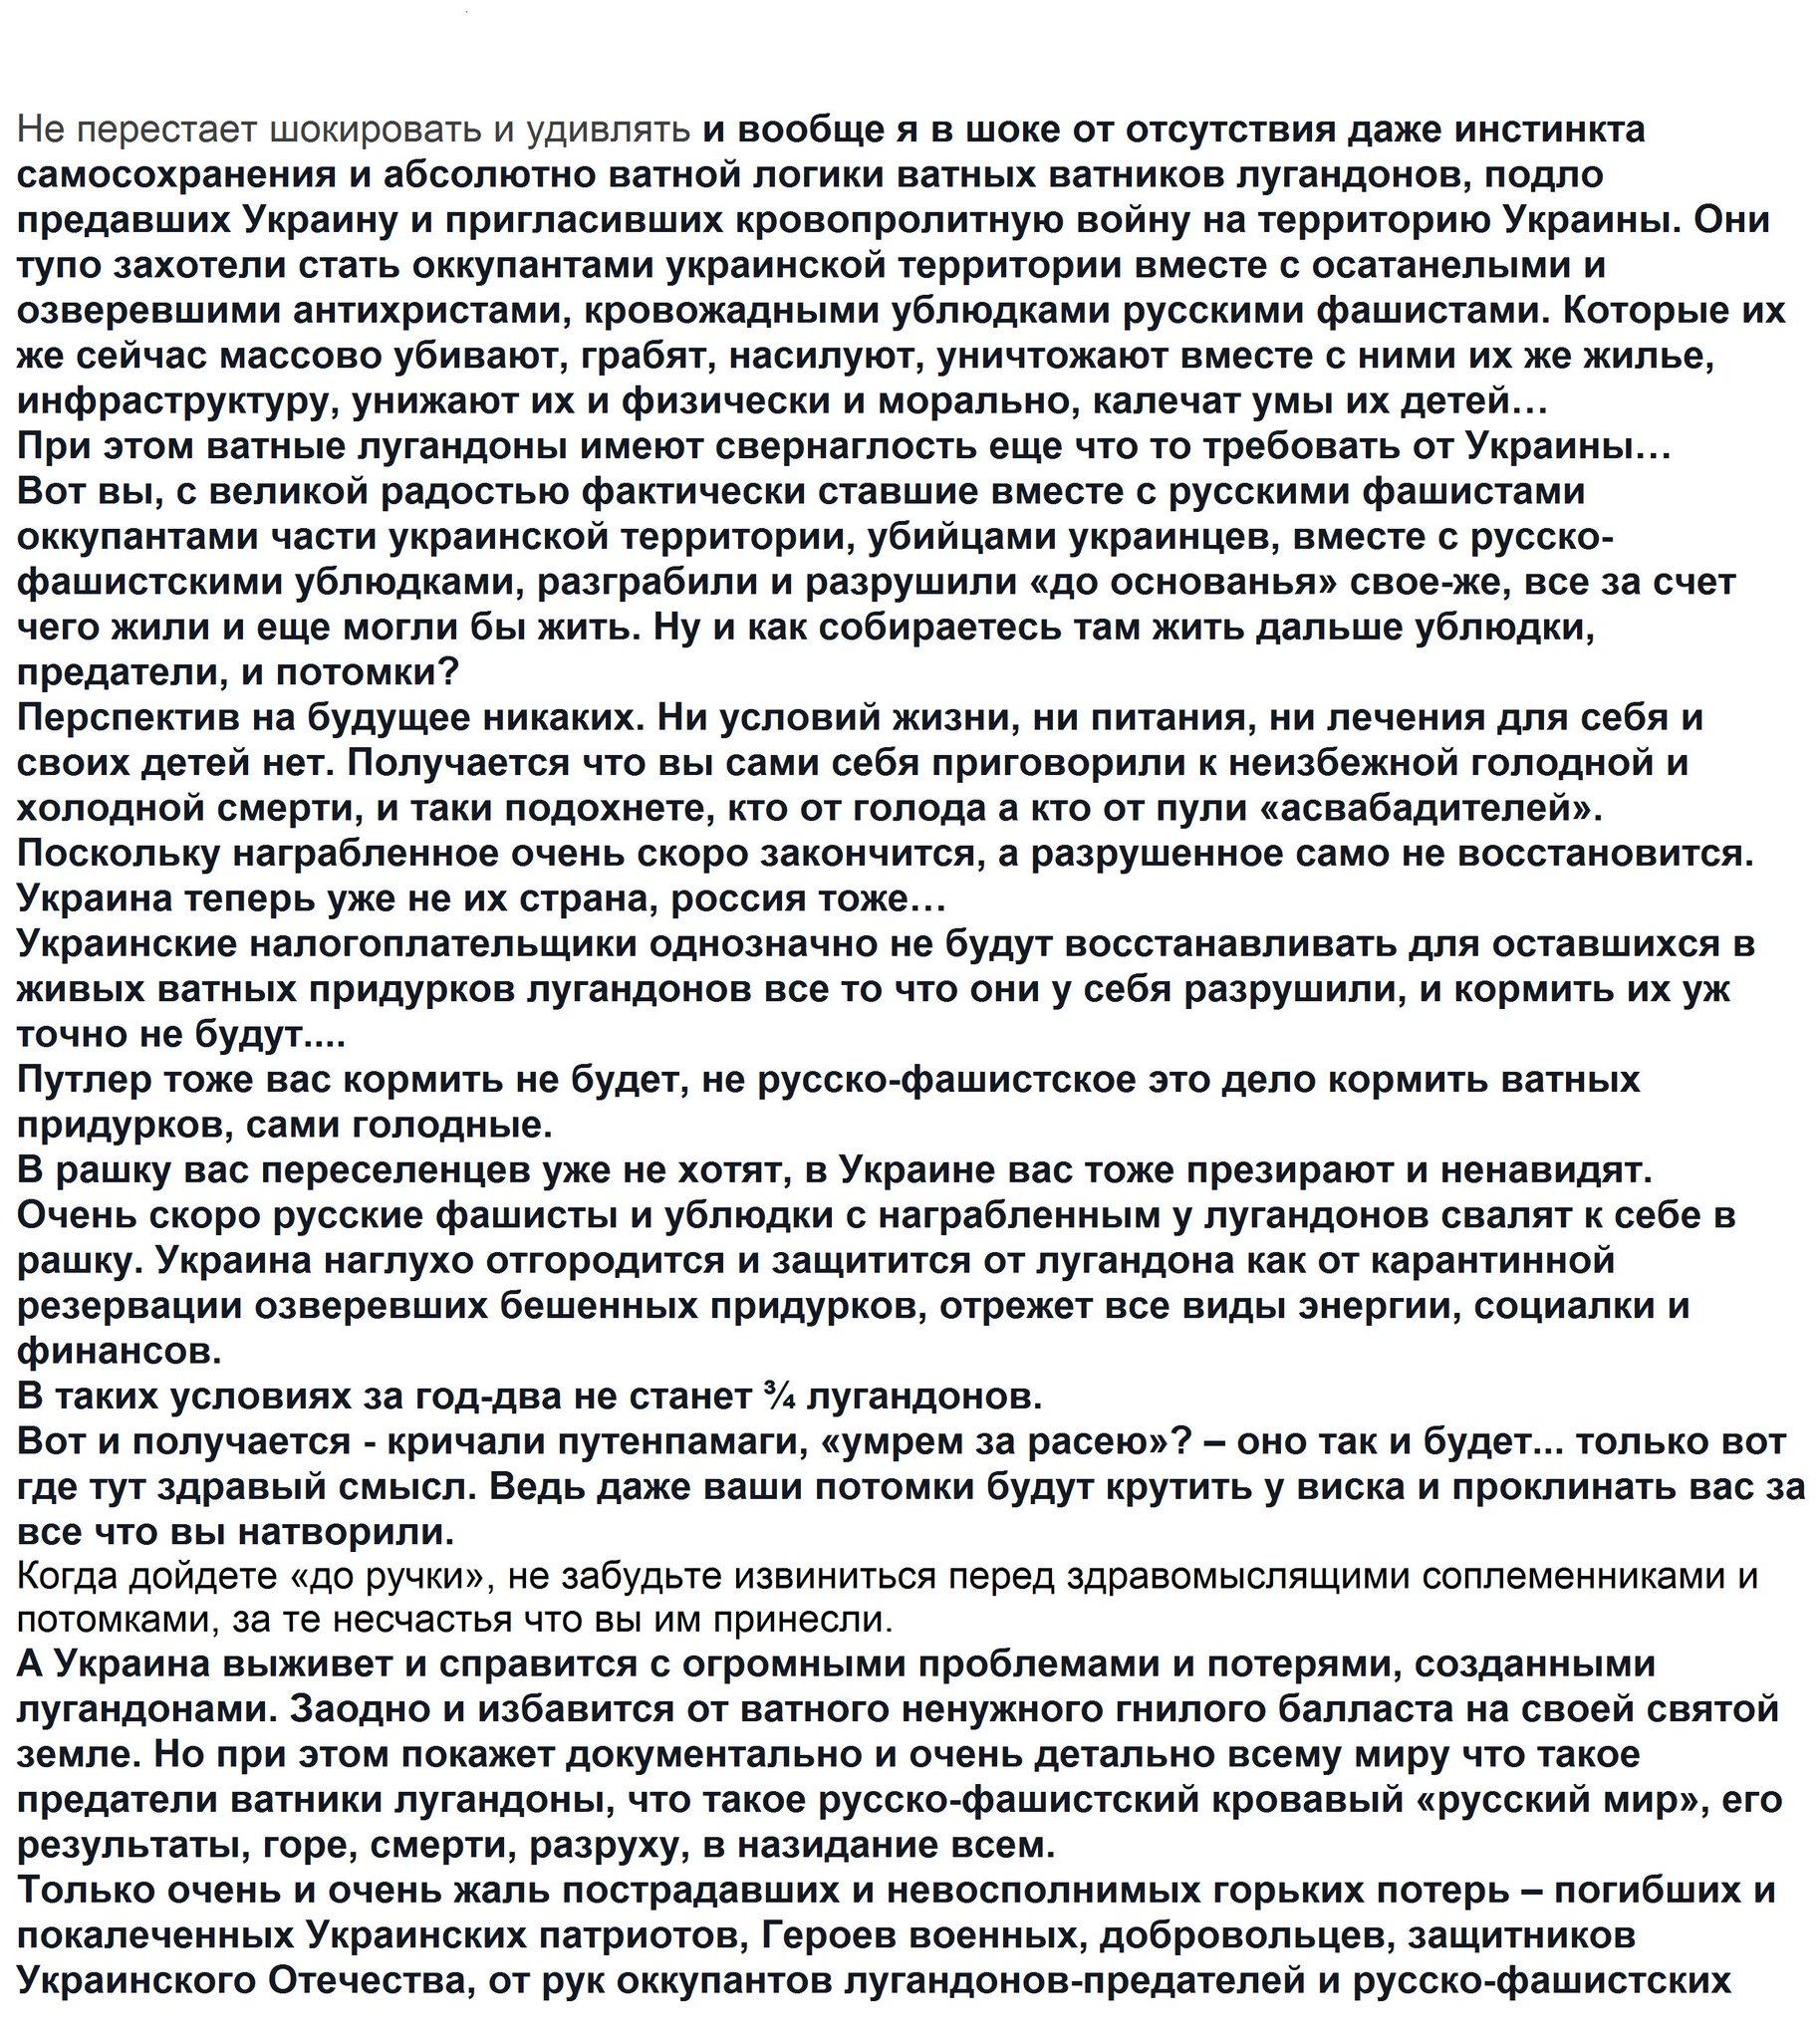 Суд отправил под домашний арест двух обвиняемых в убийстве трех инспекторов ГАИ в марте 2014 года в Киеве - Цензор.НЕТ 4568